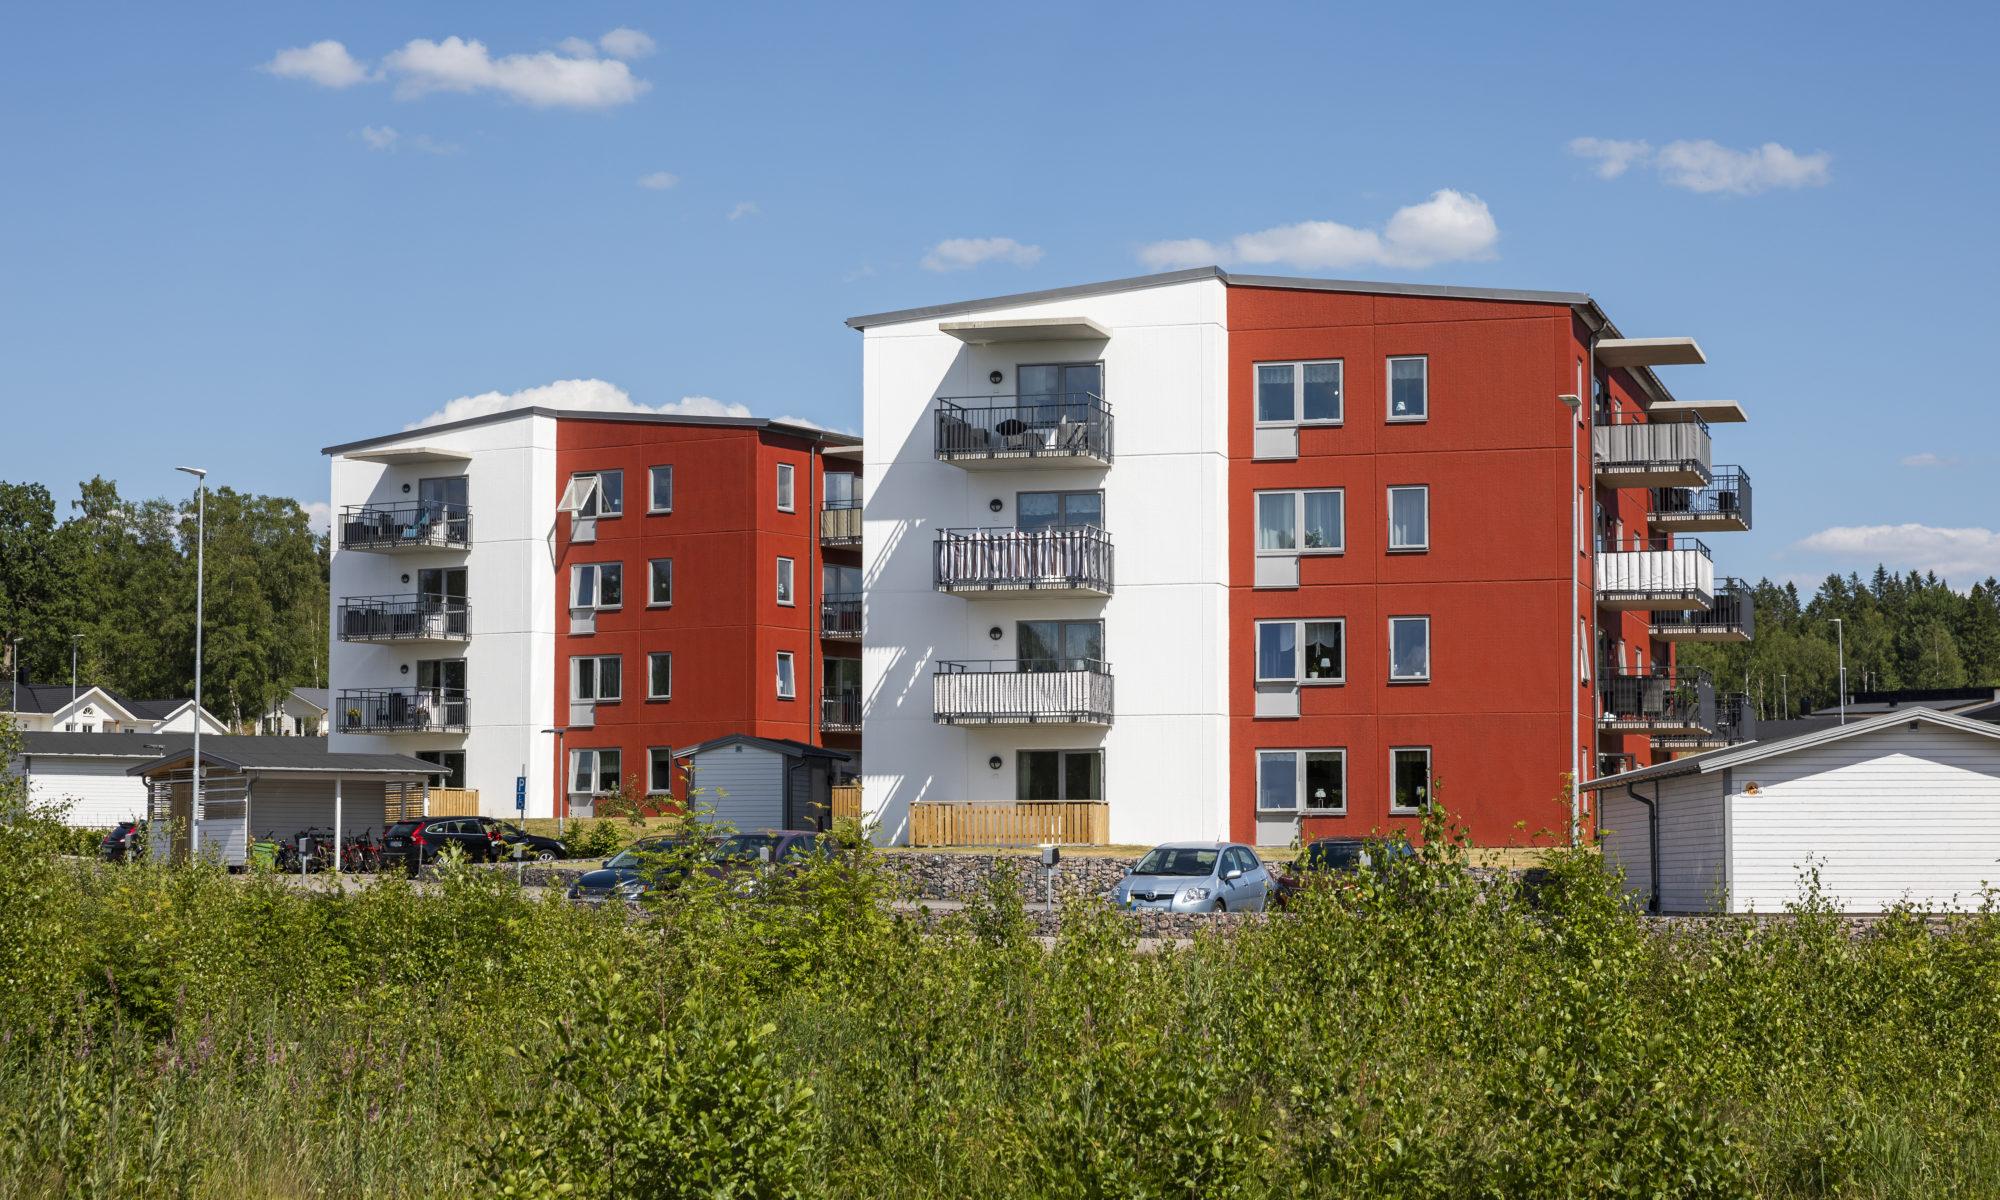 Avenboksgatan, Ulricehamn